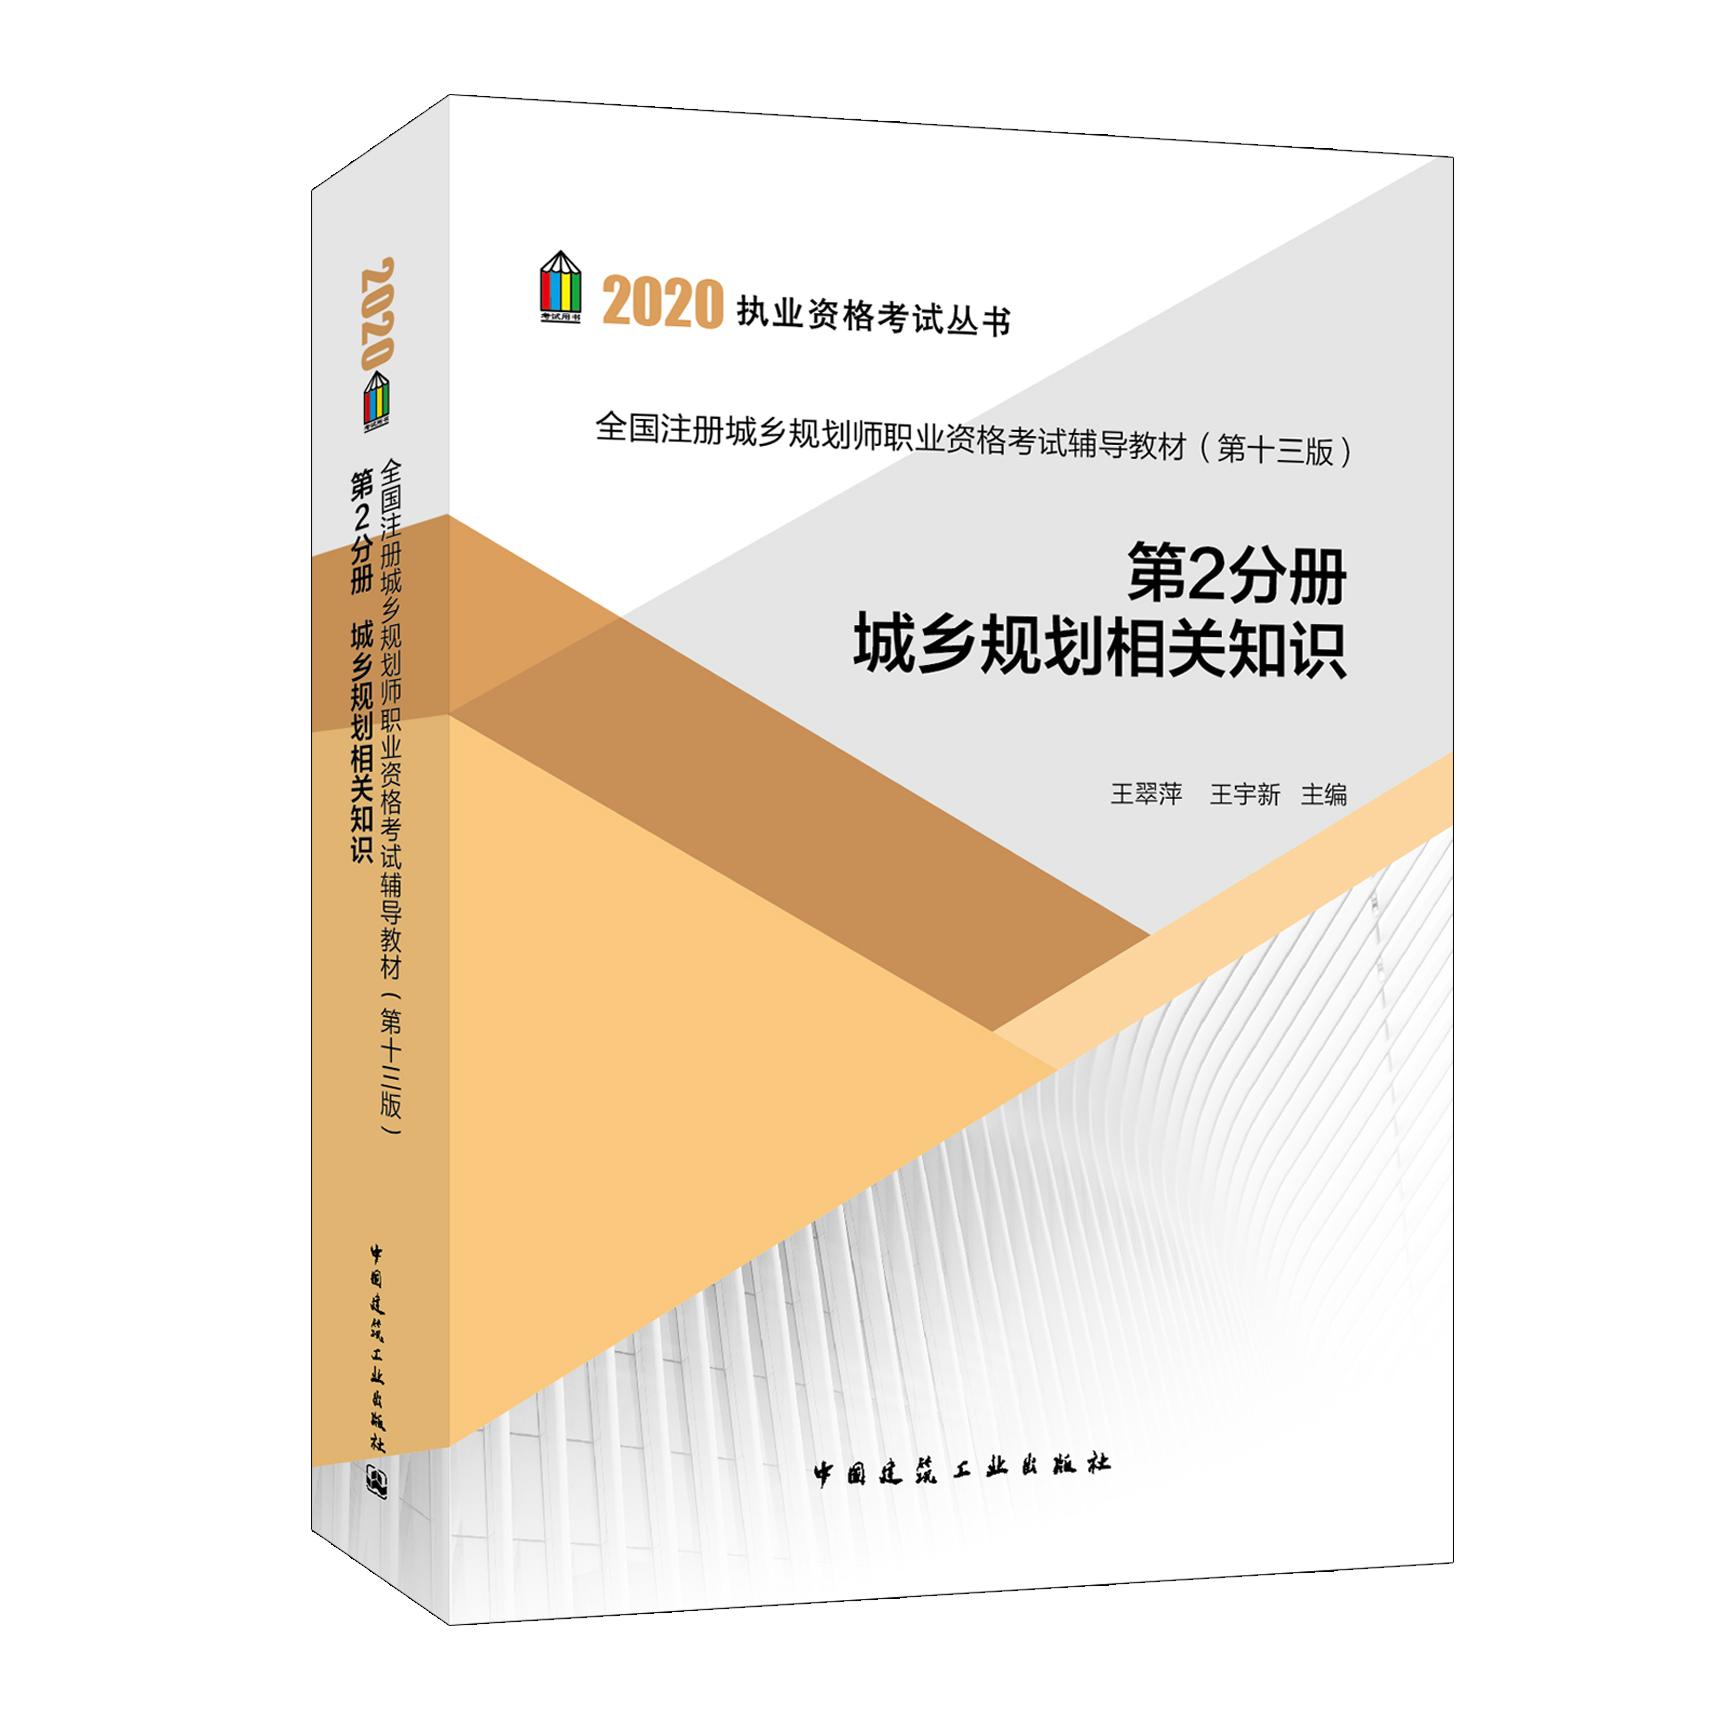 【预售】2021年注册城乡规划师考试辅导教材 第2分册 城乡规划相关知识 第十三版